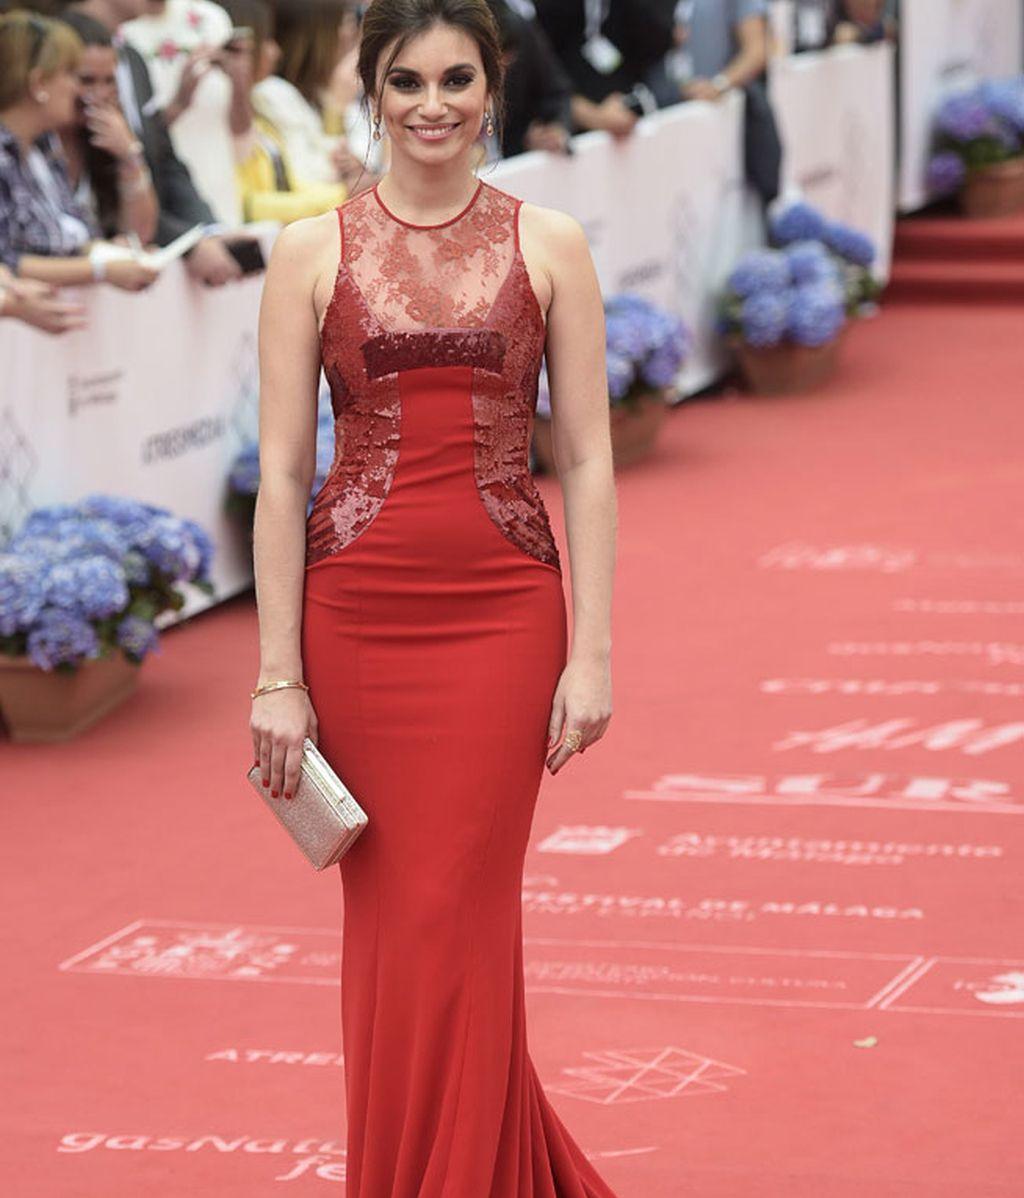 La actriz Norma Ruiz eligió vestido rojo con lentejuelas y encaje